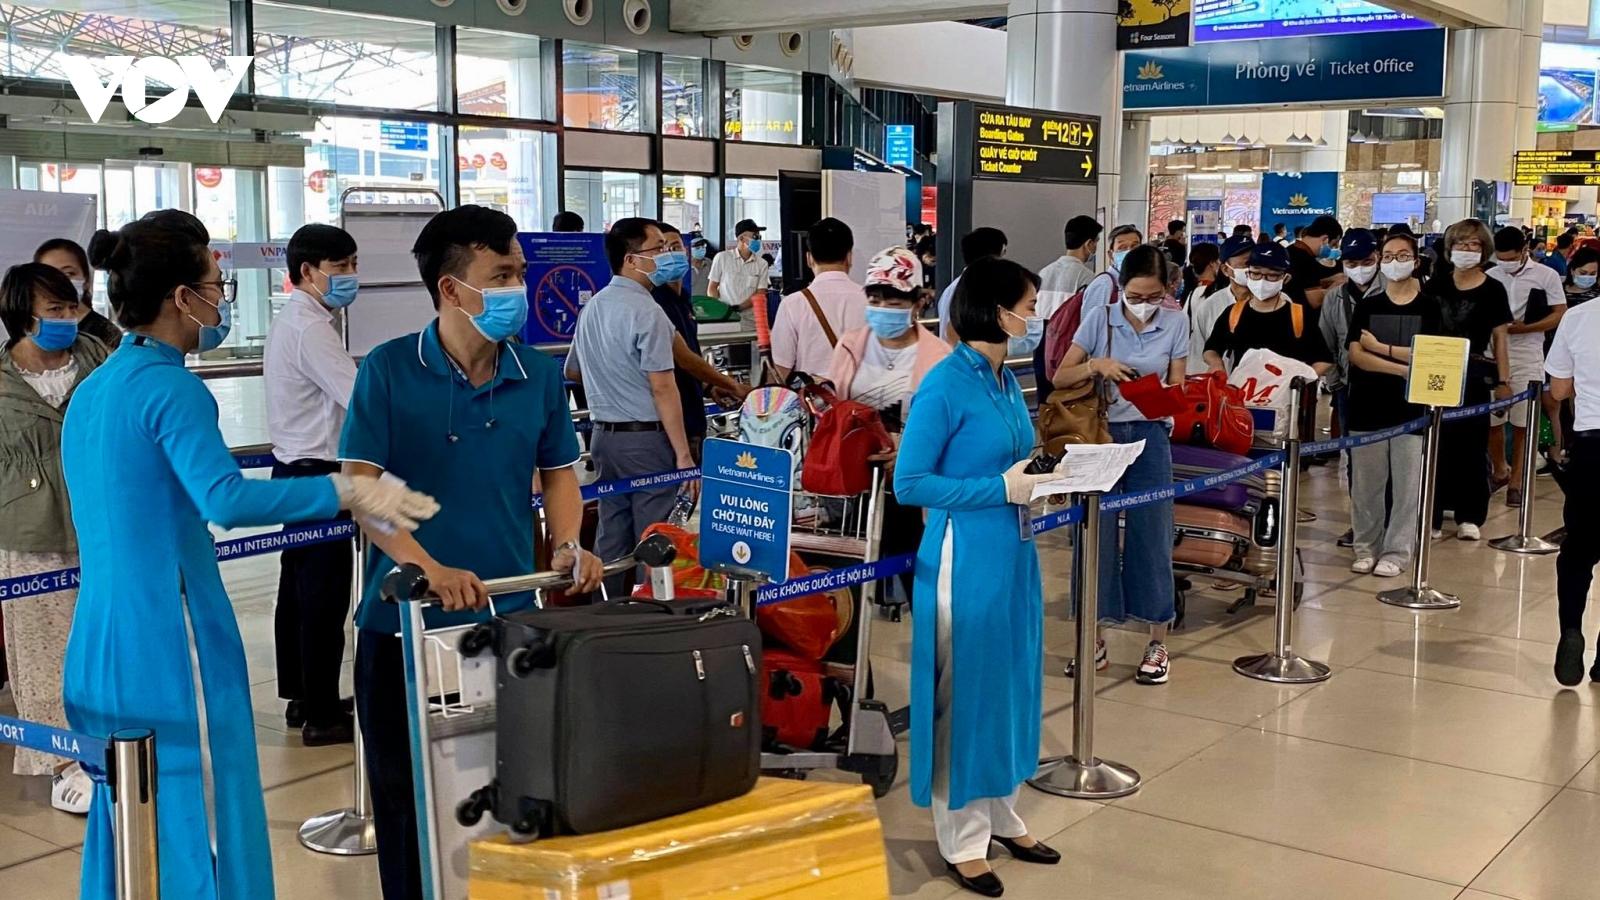 Ảnh: Sân bay Nội Bài đông nghẹt người chiều 29/4, không xảy ra ùn tắc